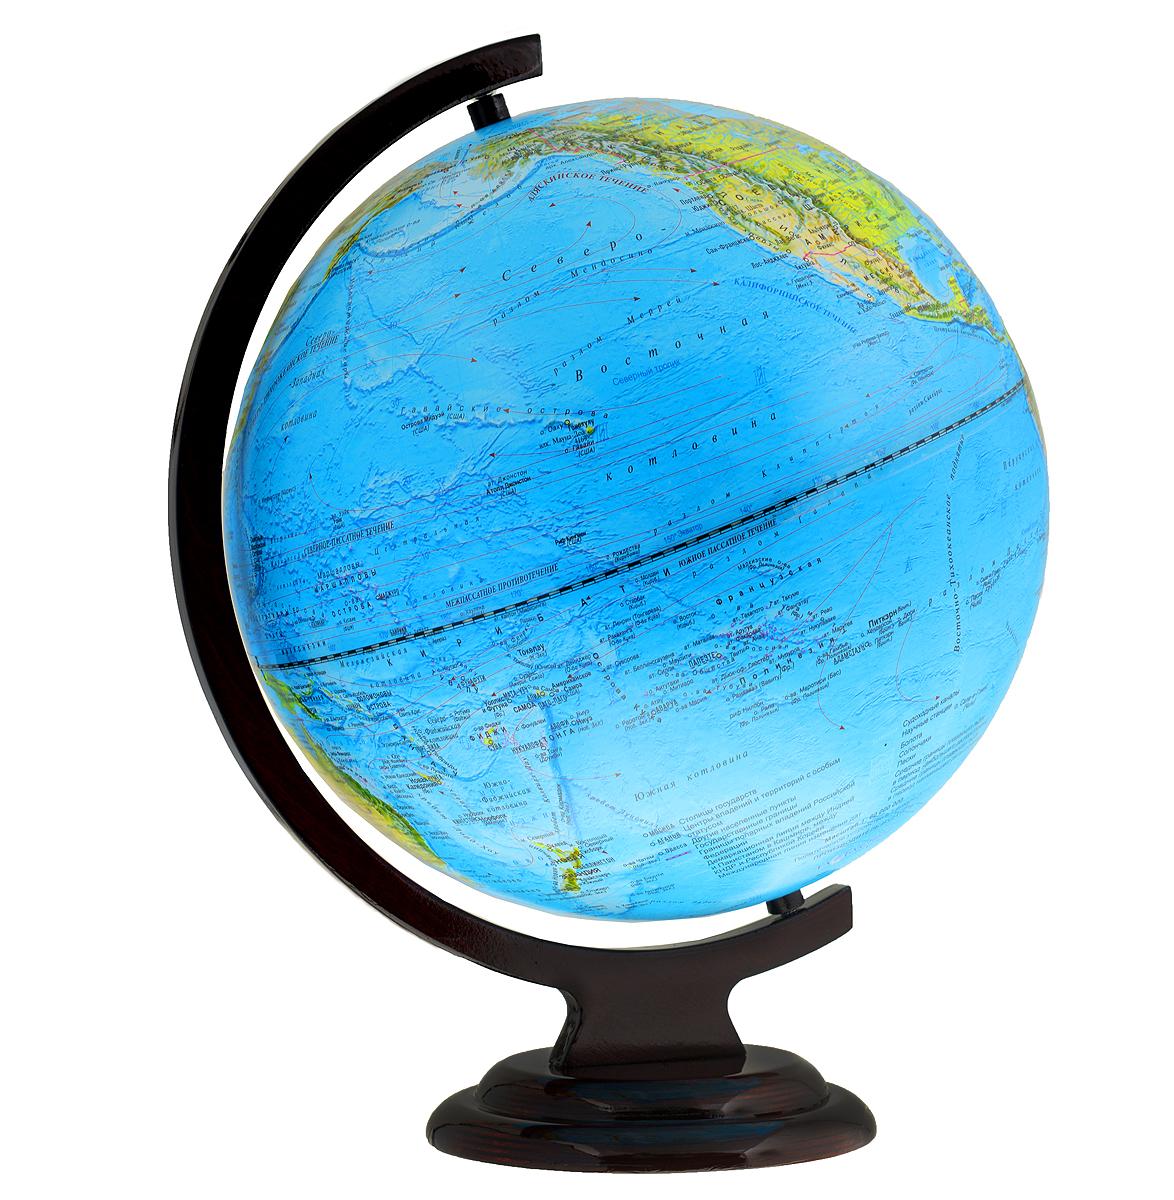 Глобус настольный, с физической картой мира диаметр 32 см. 10245Ке012500189Глобус физический изготовленный из высококачественного прочного пластика, показывает географические особенности нашей планеты Земля: горы, леса, пустыни, долины. Изделие расположено на деревянной подставке. На нем отображены картографические линии: параллели и меридианы, рельефы морского дна и суши. Глобус с физической картой мира станет незаменимым атрибутом обучения не только школьника, но и студента. Все названия на глобусе приведены на русском языке. Ничто так не обеспечивает всестороннего и детального изучения устройства мира в таком сжатом и объемном образе, как физический глобус. Сделайте первый шаг в стимулирование своего обучения!Масштаб: 1:40 000 000.